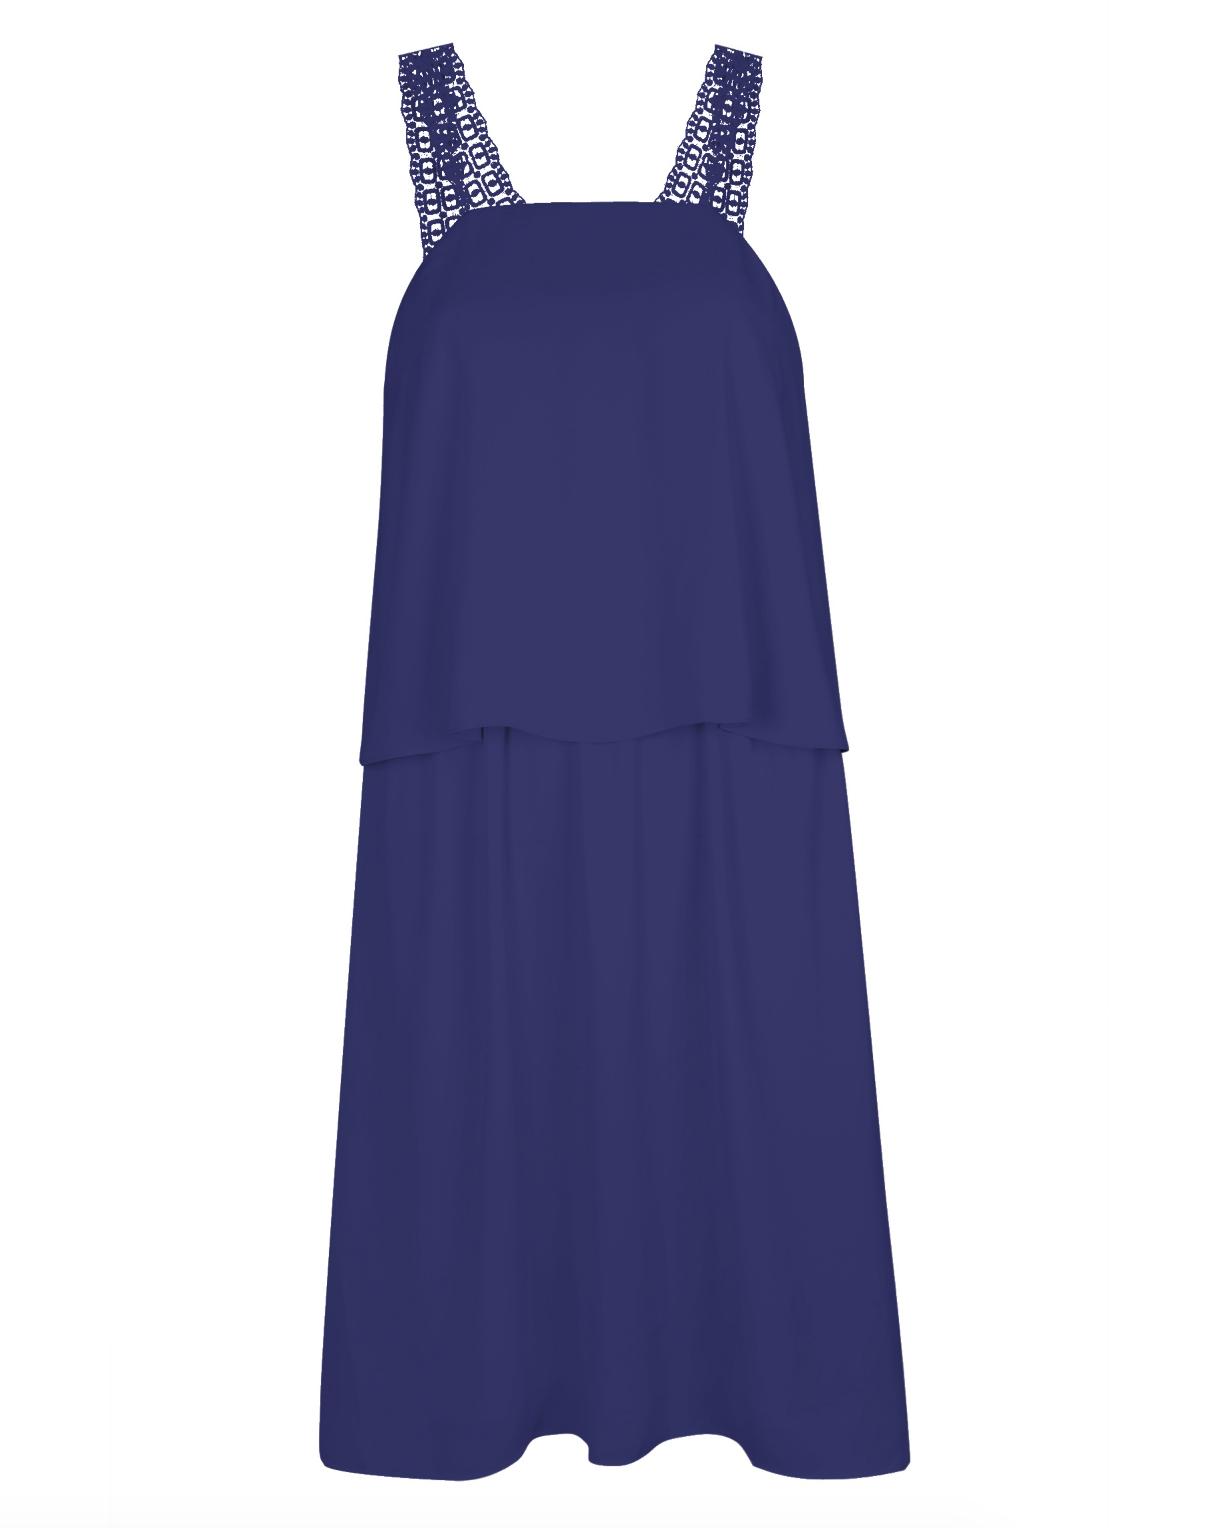 Vestito blu elettrico: cosa abbinare